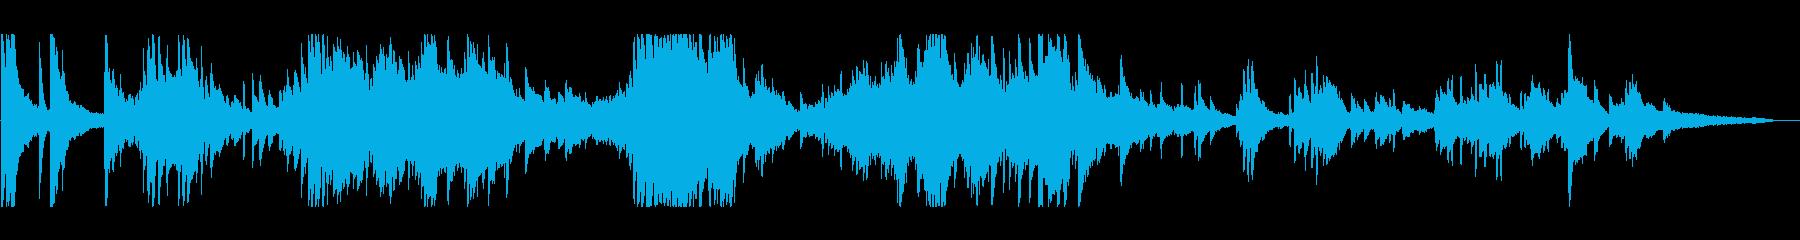 生演奏 クラシック風 優しく美しいピアノの再生済みの波形